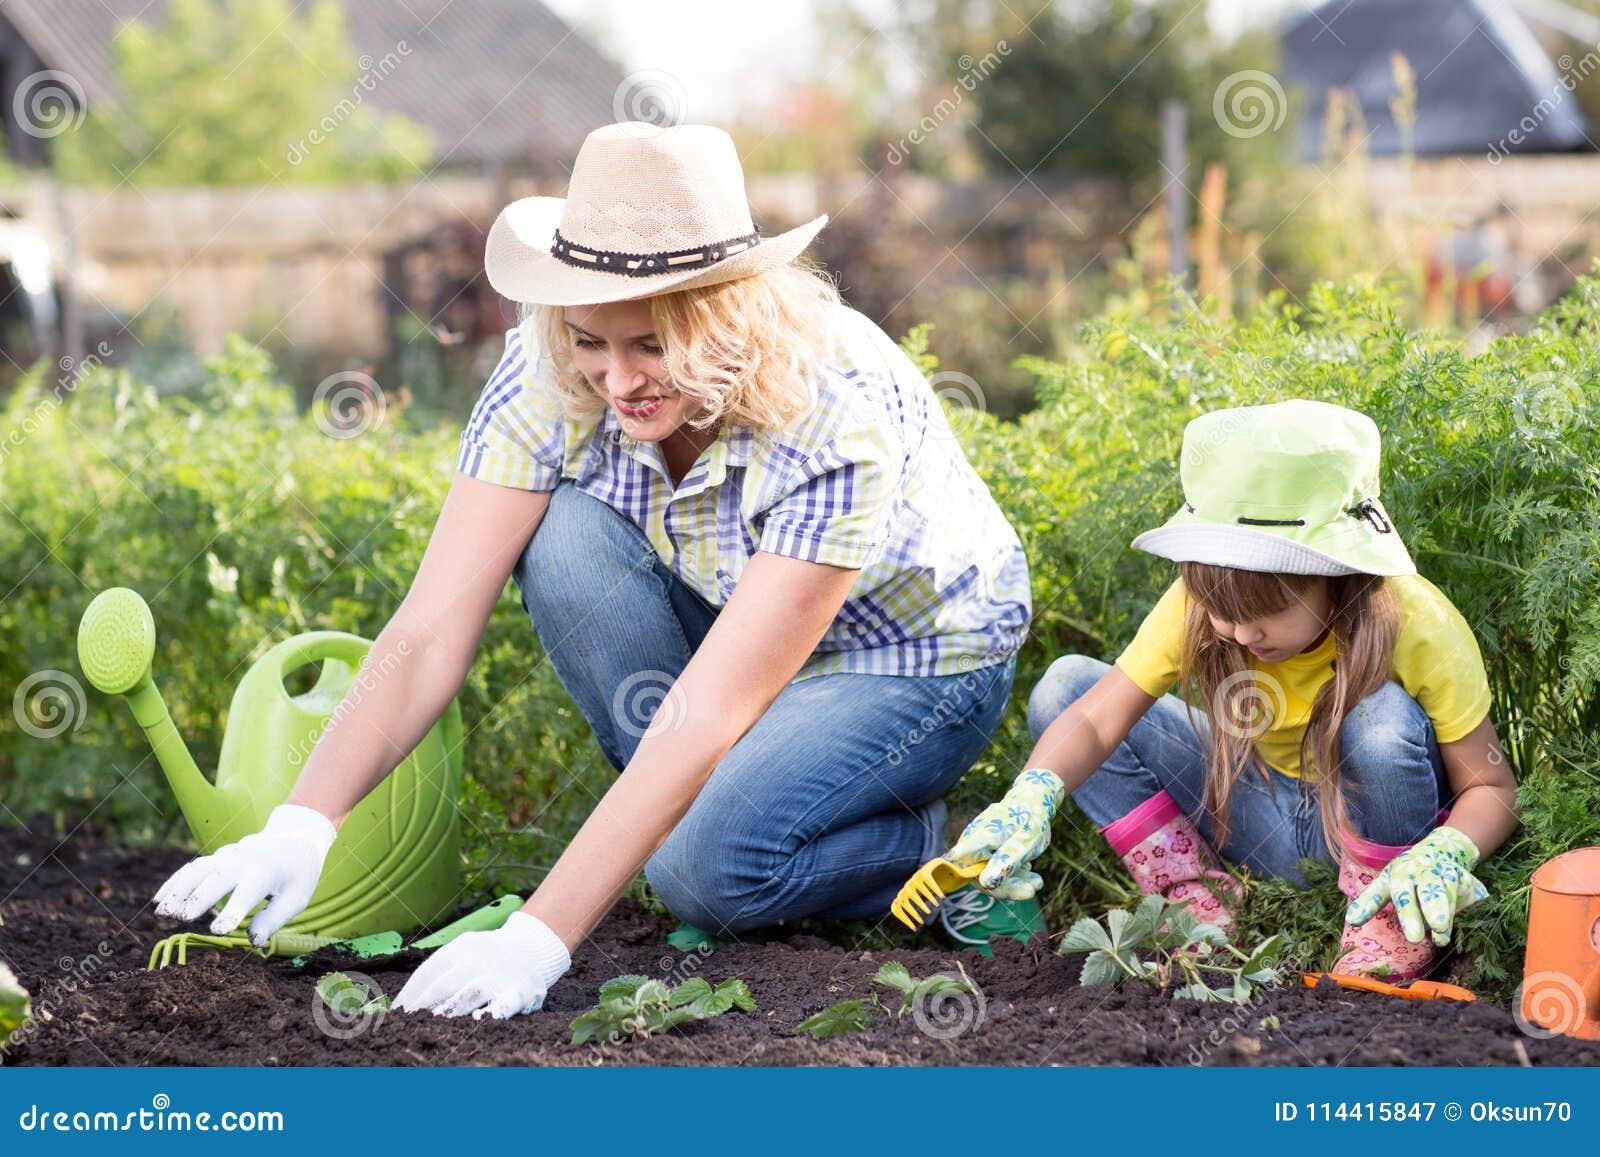 美丽的妇女和chid女儿在床上的种植幼木在国内庭院里夏日 从事园艺的活动与